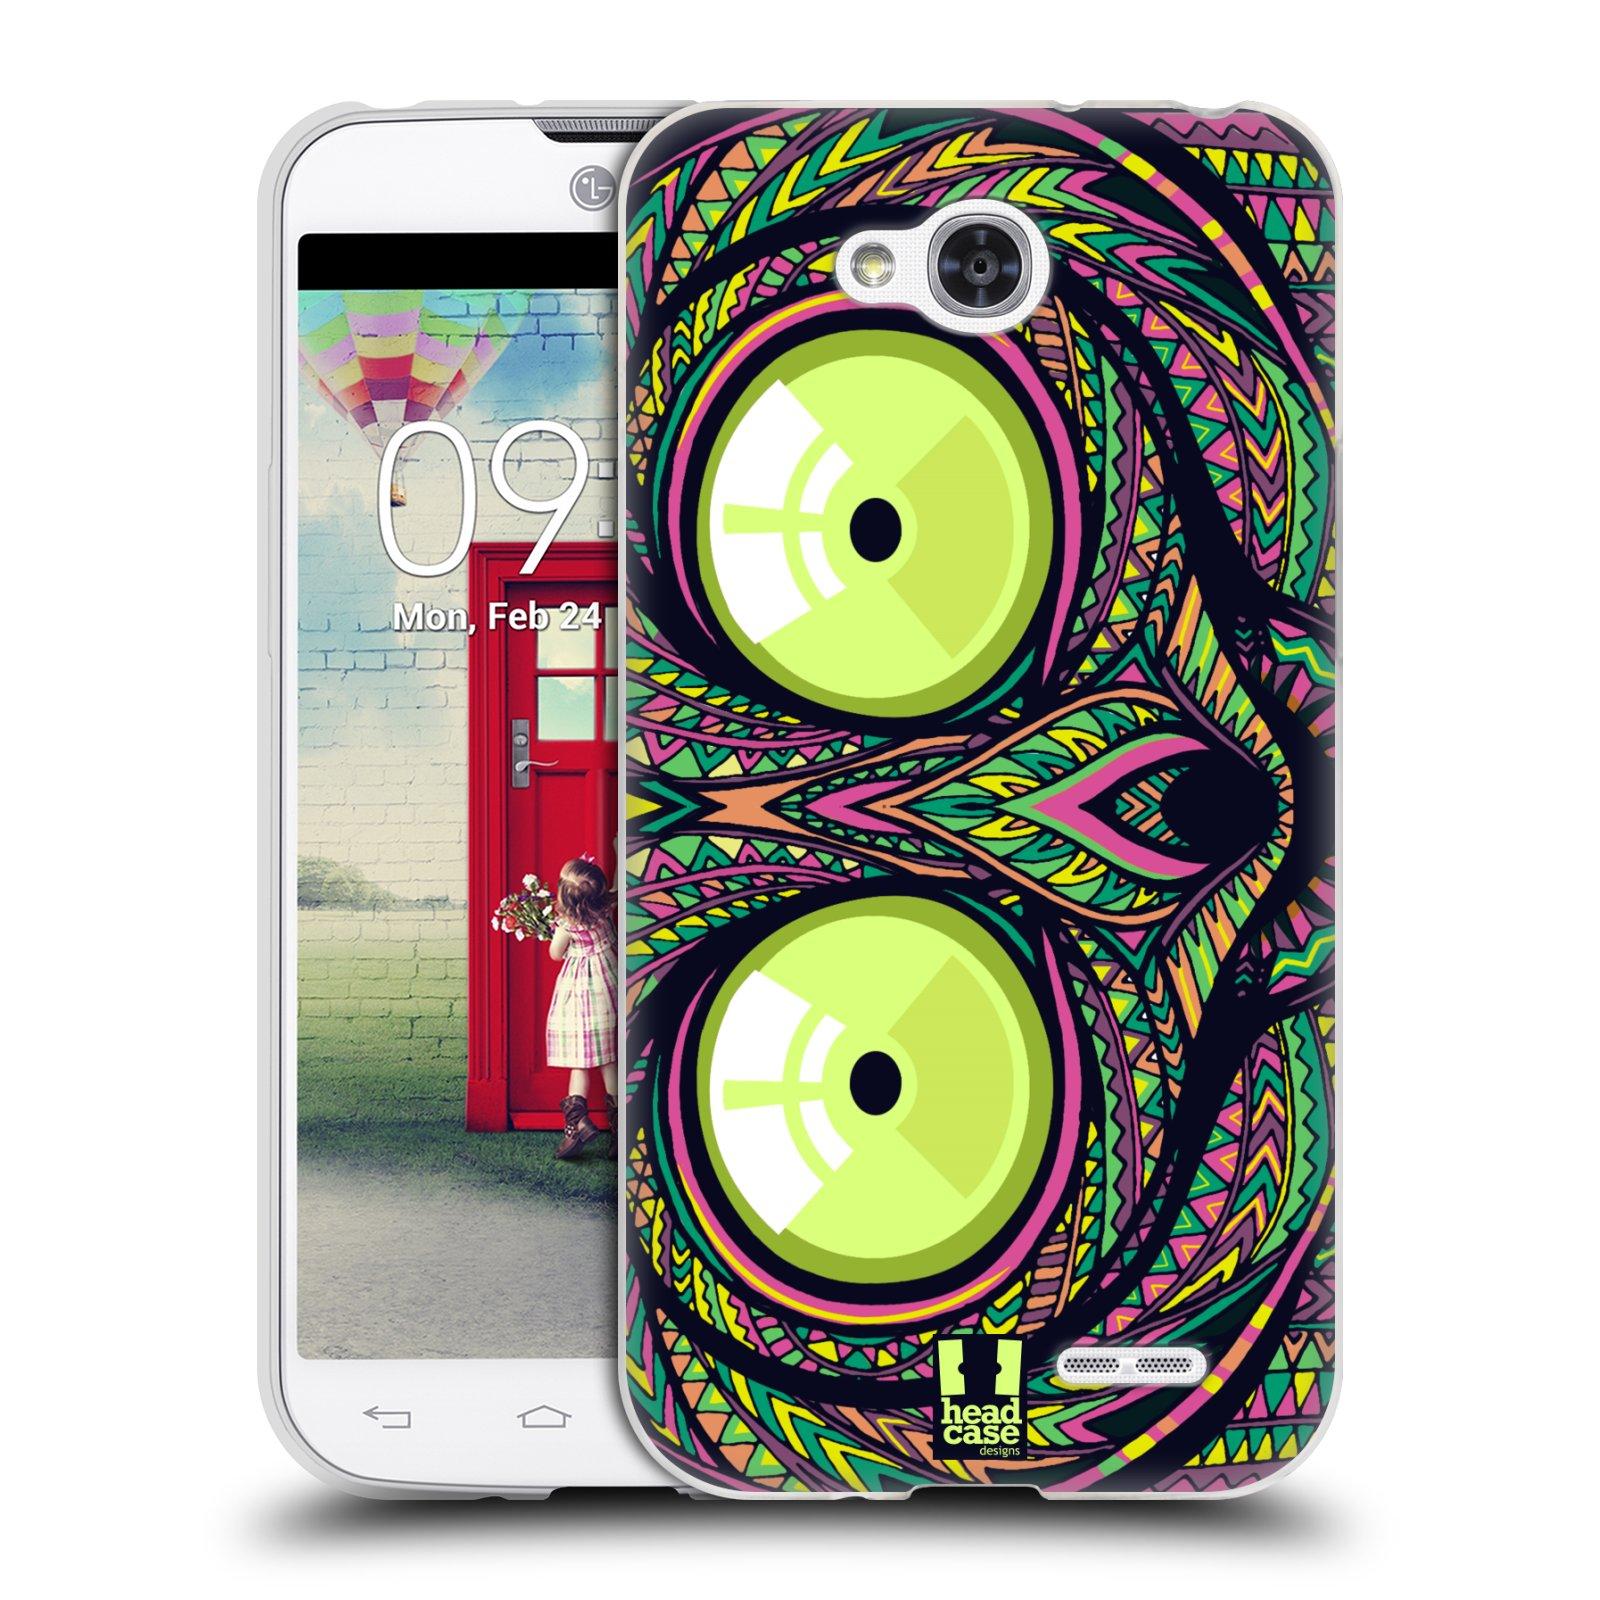 Silikonové pouzdro na mobil LG L90 HEAD CASE AZTEC NÁRTOUN (Silikonový kryt či obal na mobilní telefon LG L90 D405n)